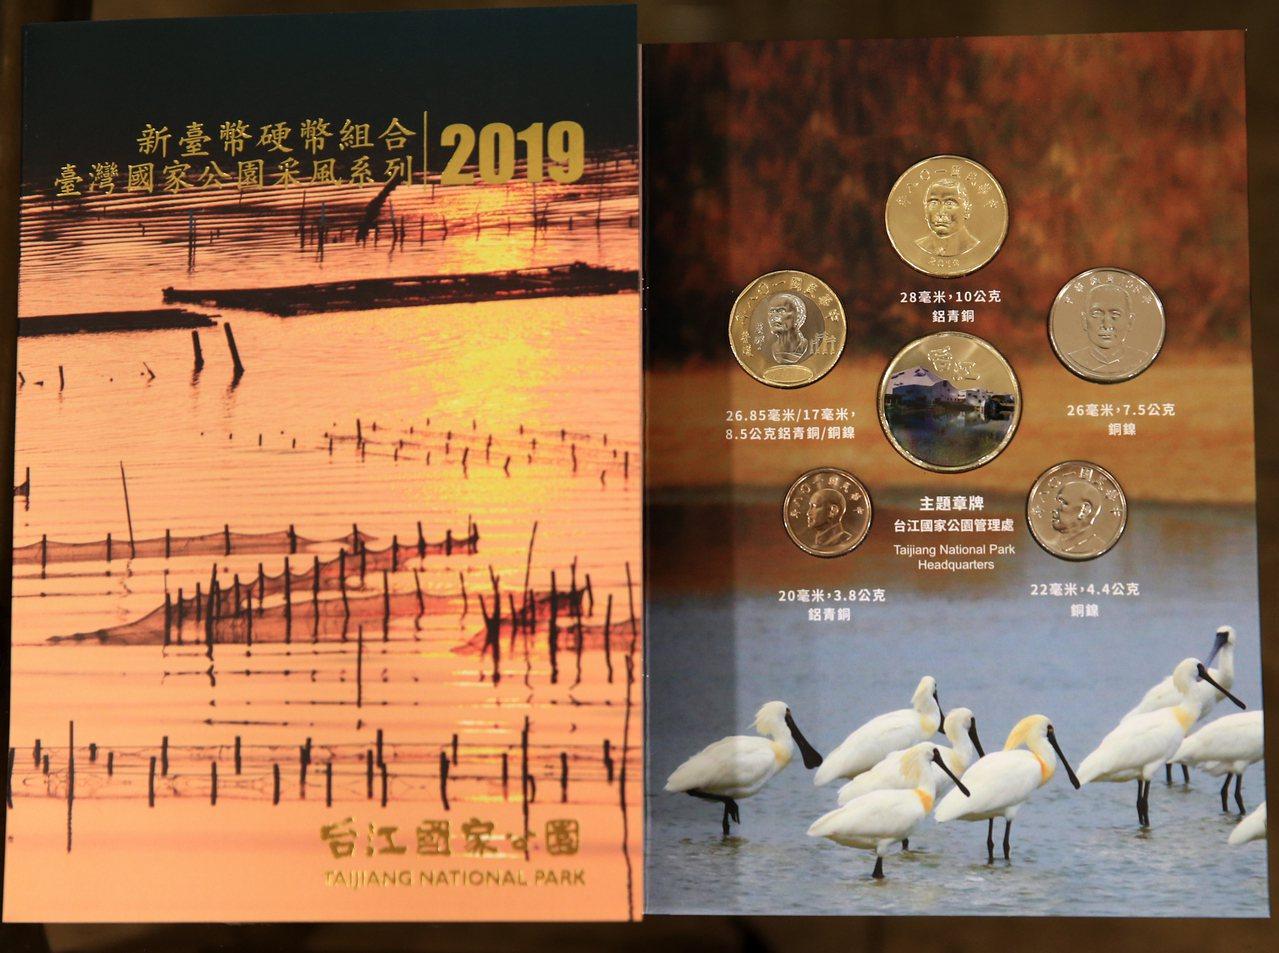 「台江國家公園」套幣,章牌正面圖案為台江國家公園管理處,以彩色呈現;背面圖案為黑...